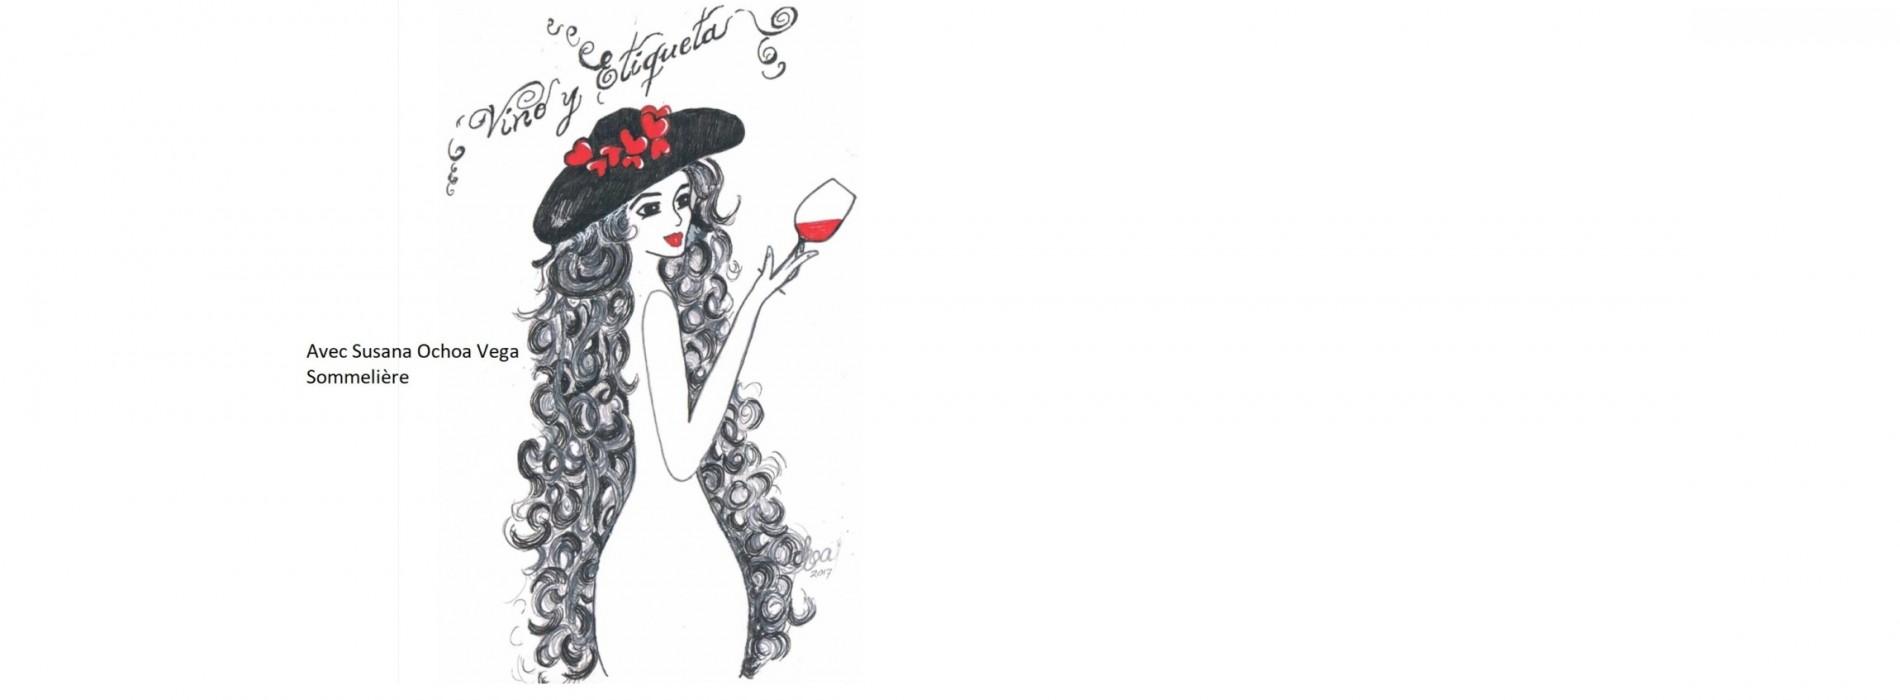 vins-et-etiquettes-titre-6